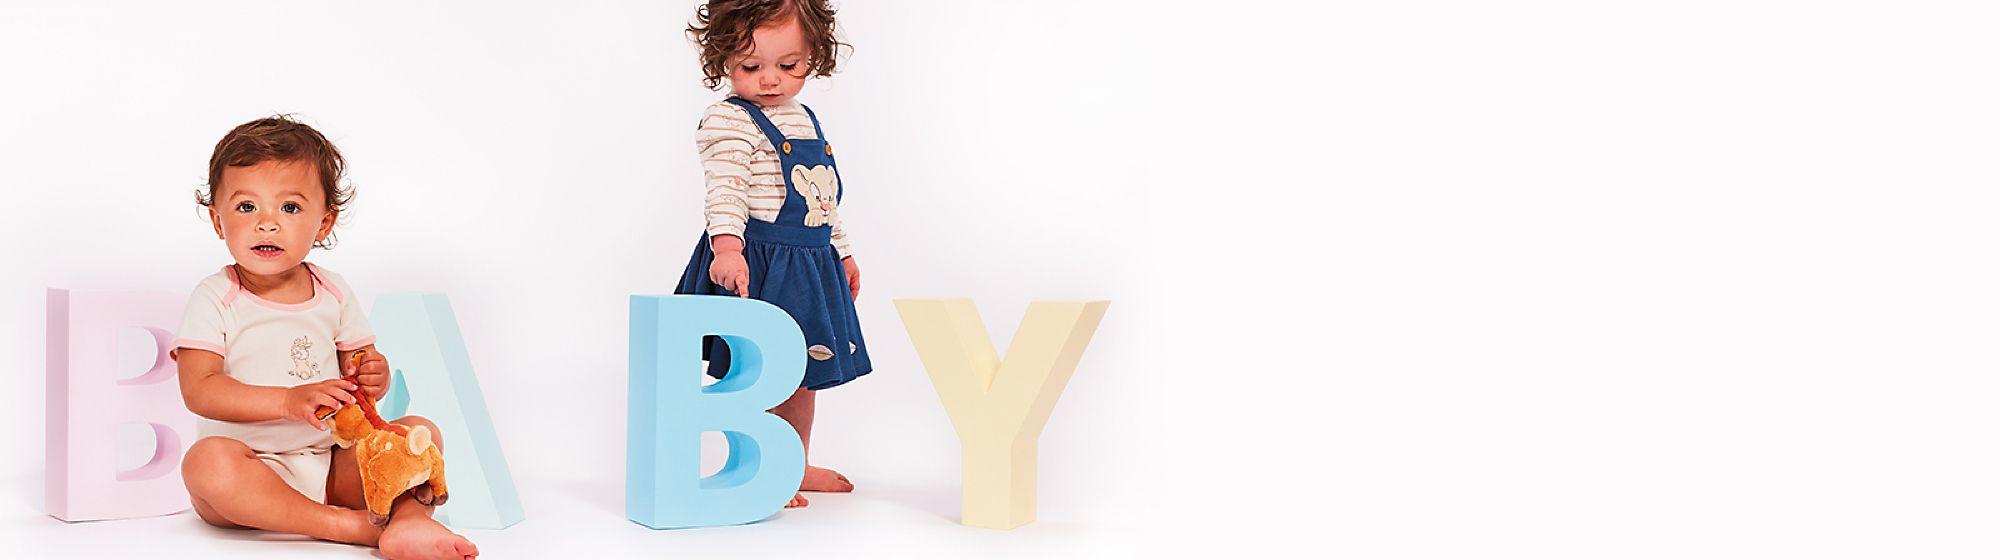 0eebe57ece Regali Baby | shopDisney